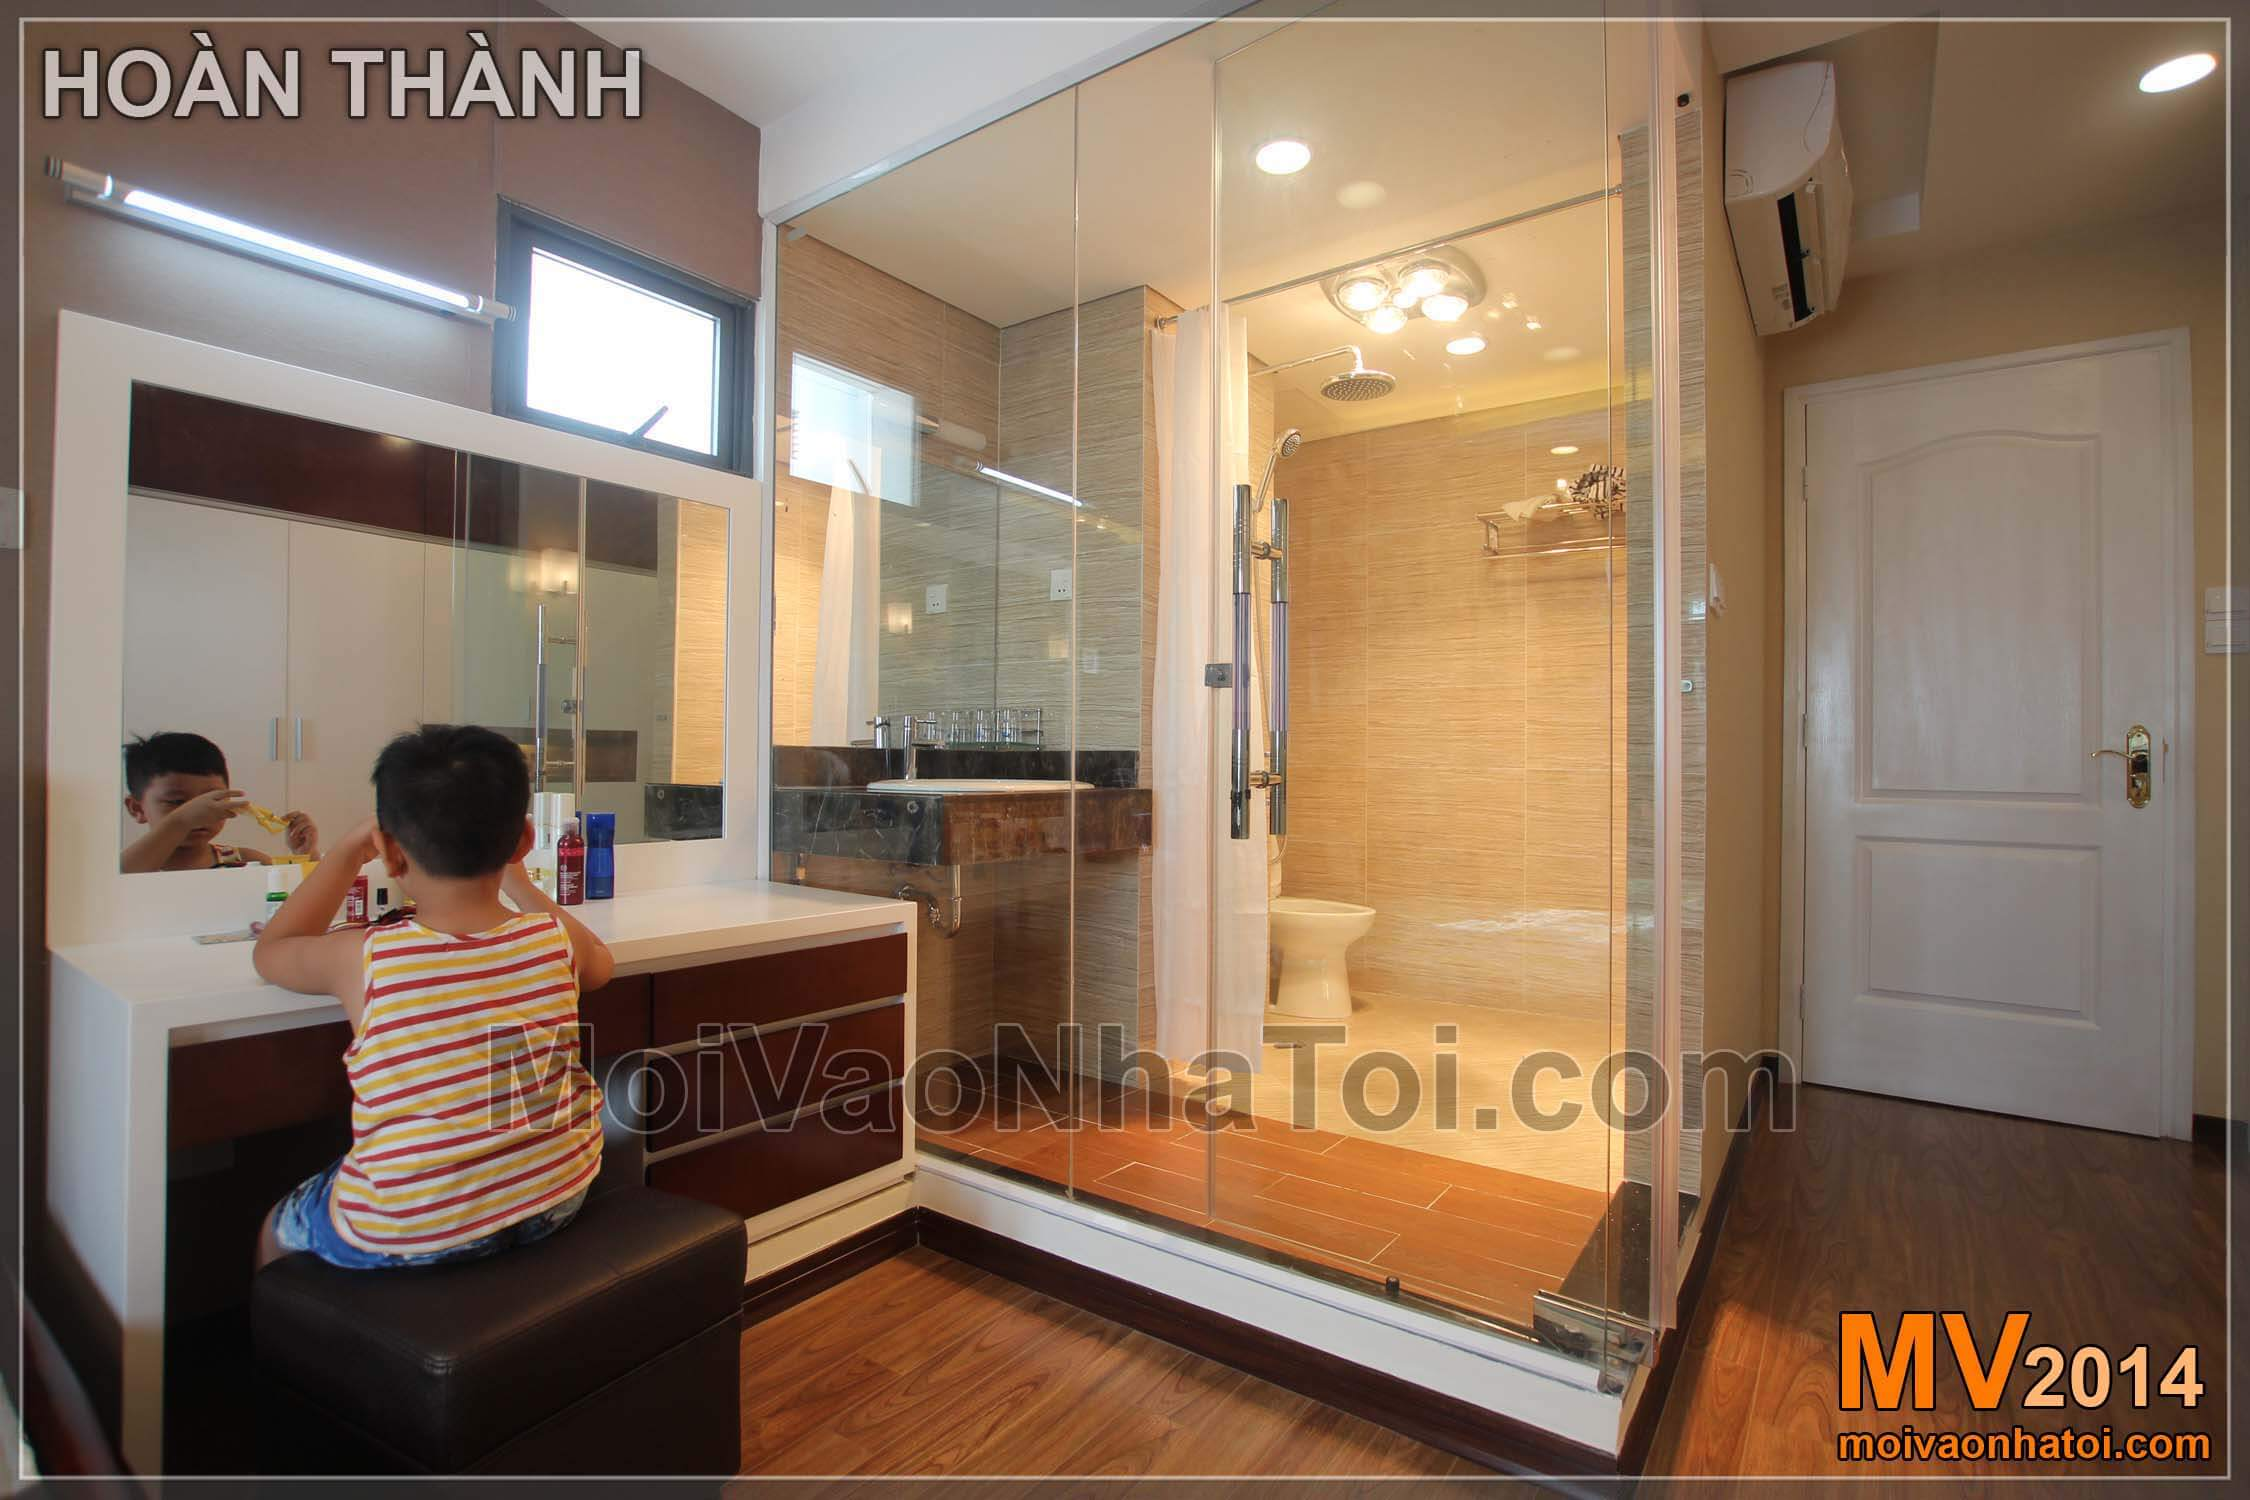 prosklená toaleta v hlavní místnosti mulberrylane bytu